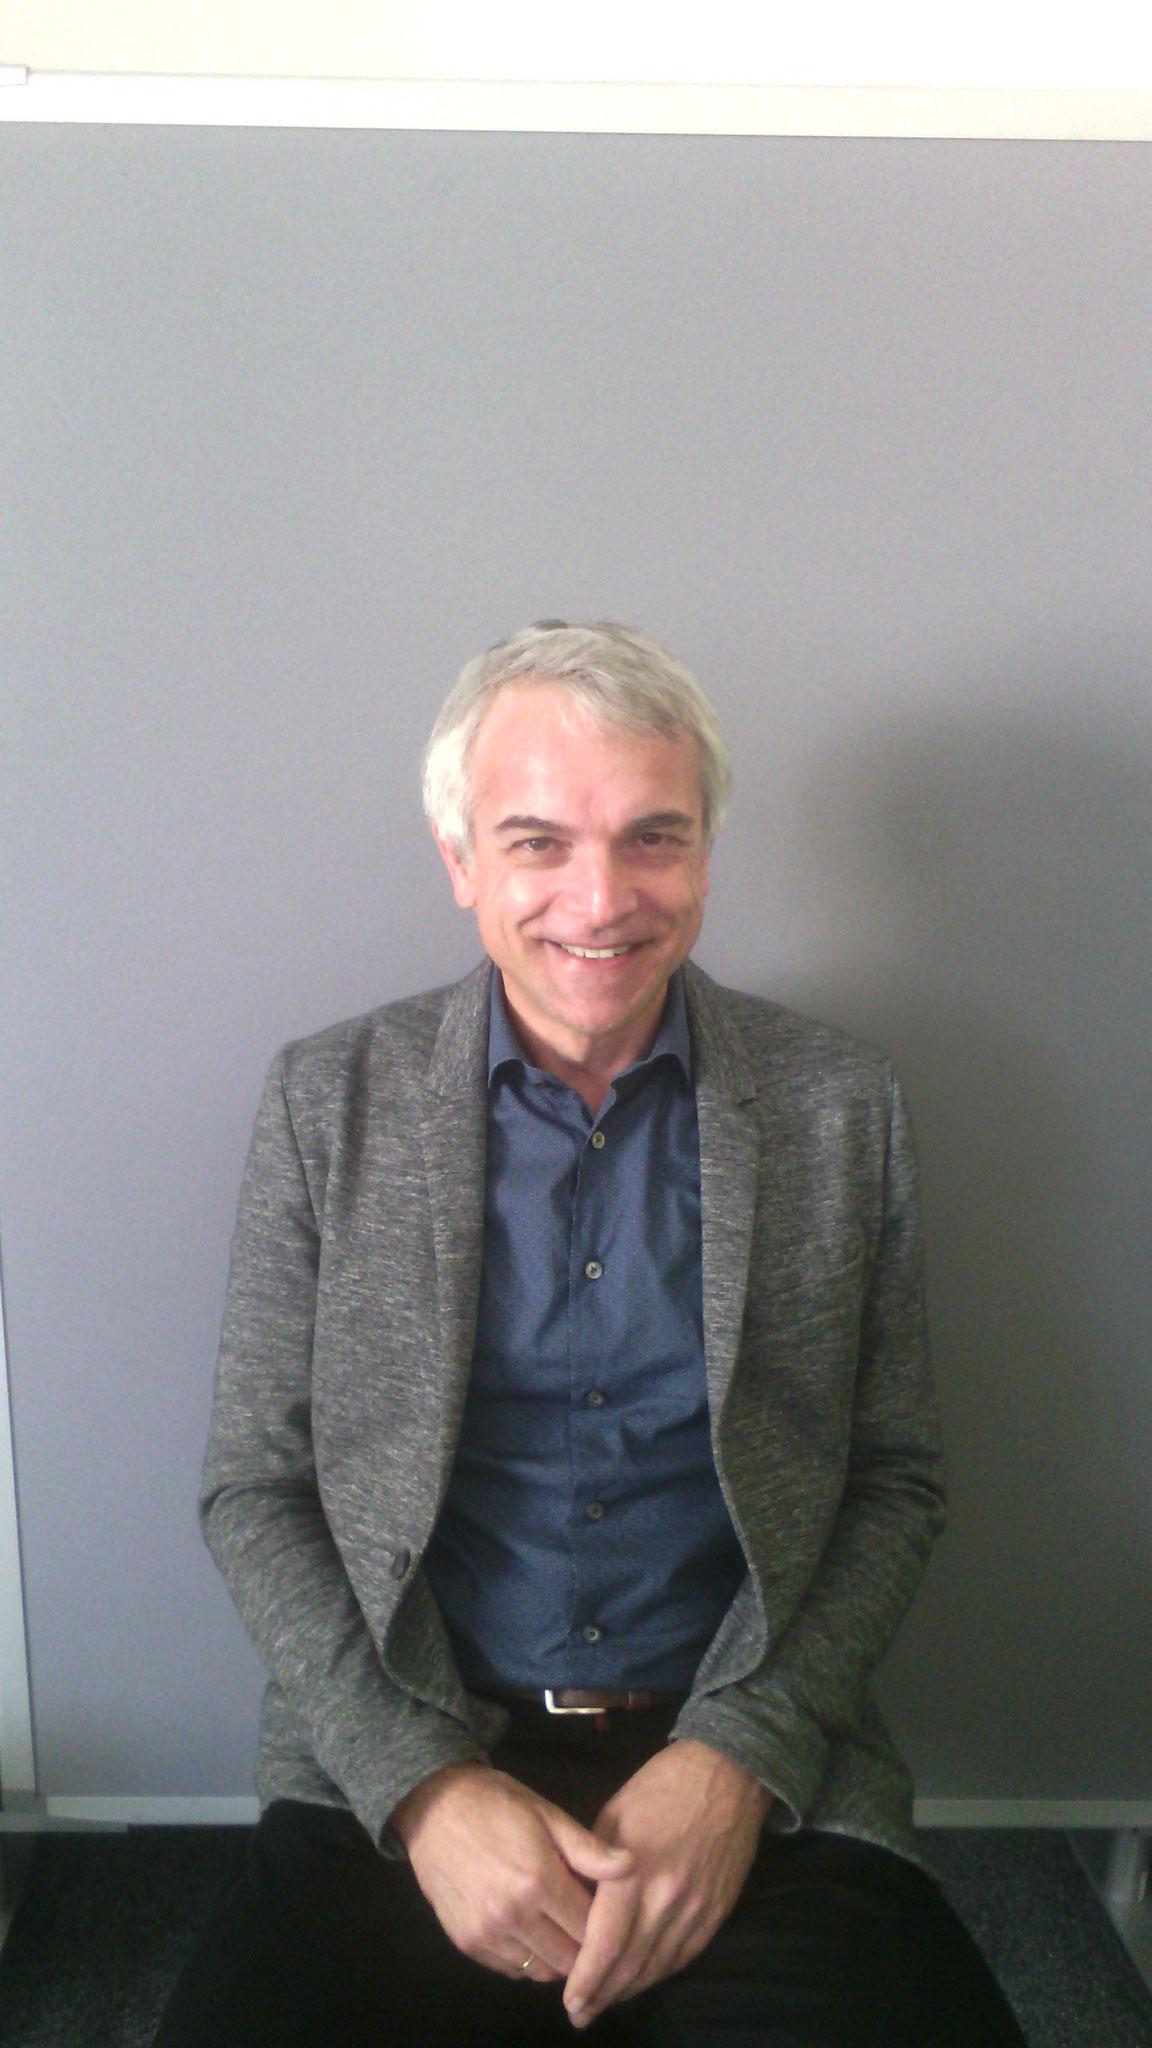 Burkard Hagspiel, technischer Werkleiter des Klärwerks in Nürnberg, klärte uns über Medikamente im Abwasser auf.